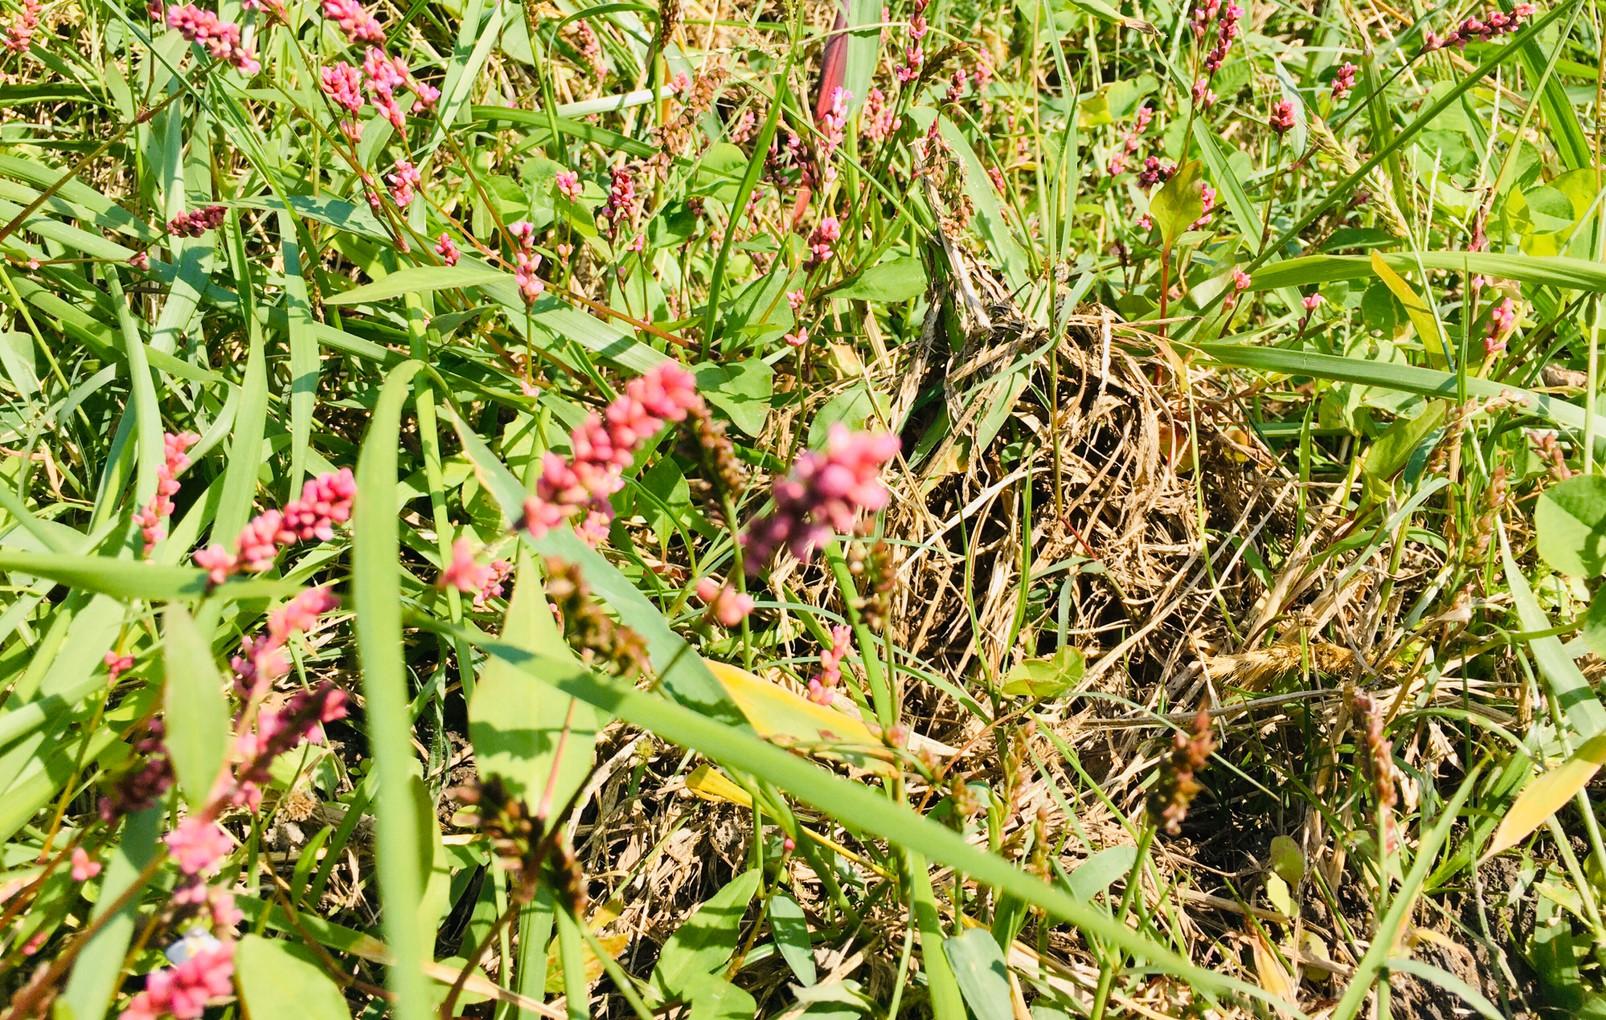 【地域プロジェクト】「野間の紅葉名所を『五感』で味わう小旅行」イベント開催レポート